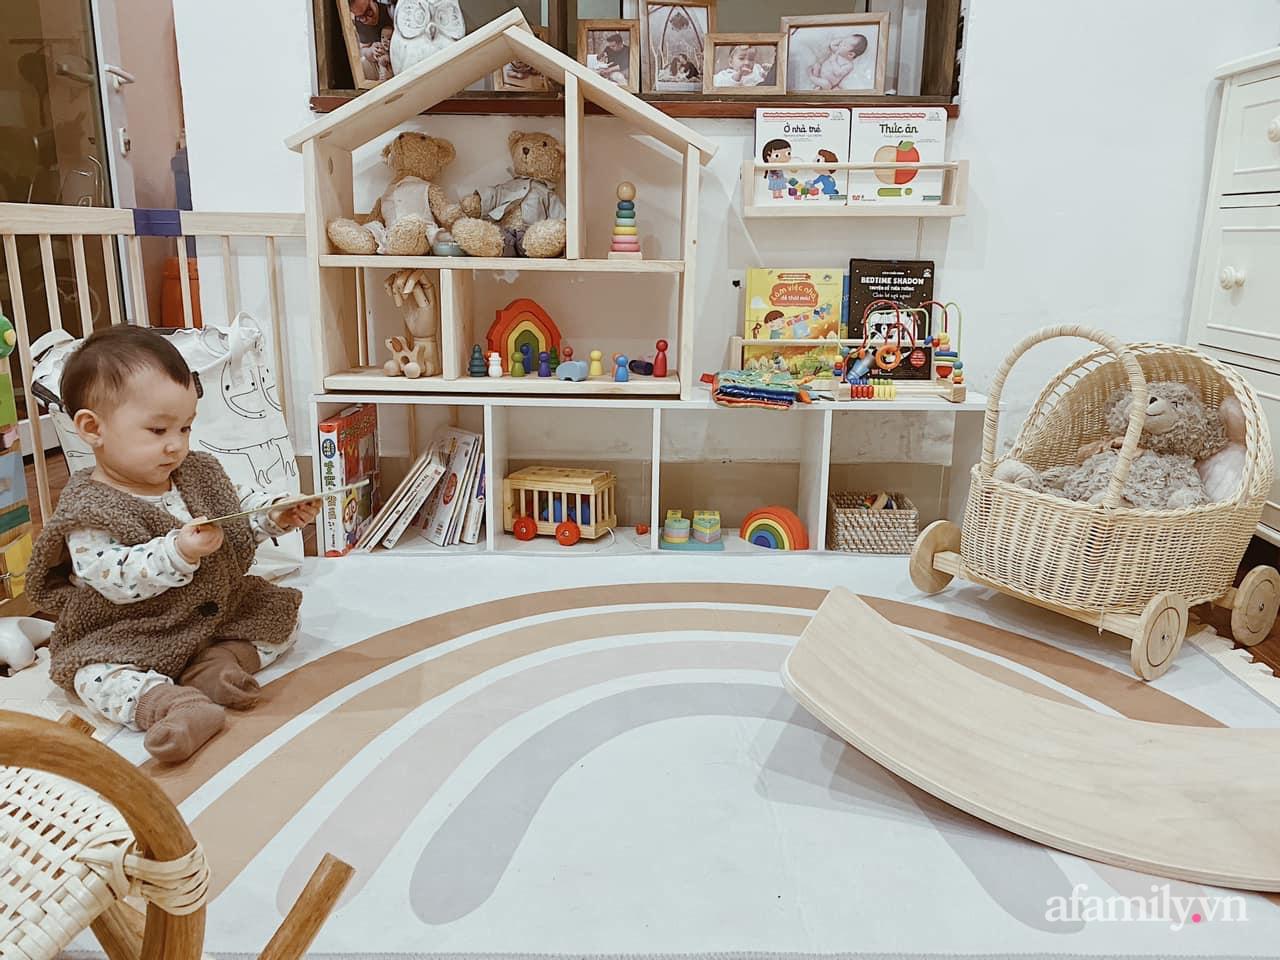 Không gian mẹ trang trí tặng bé ấn tượng với sắc màu Vintage ở Hà Nội - Ảnh 1.